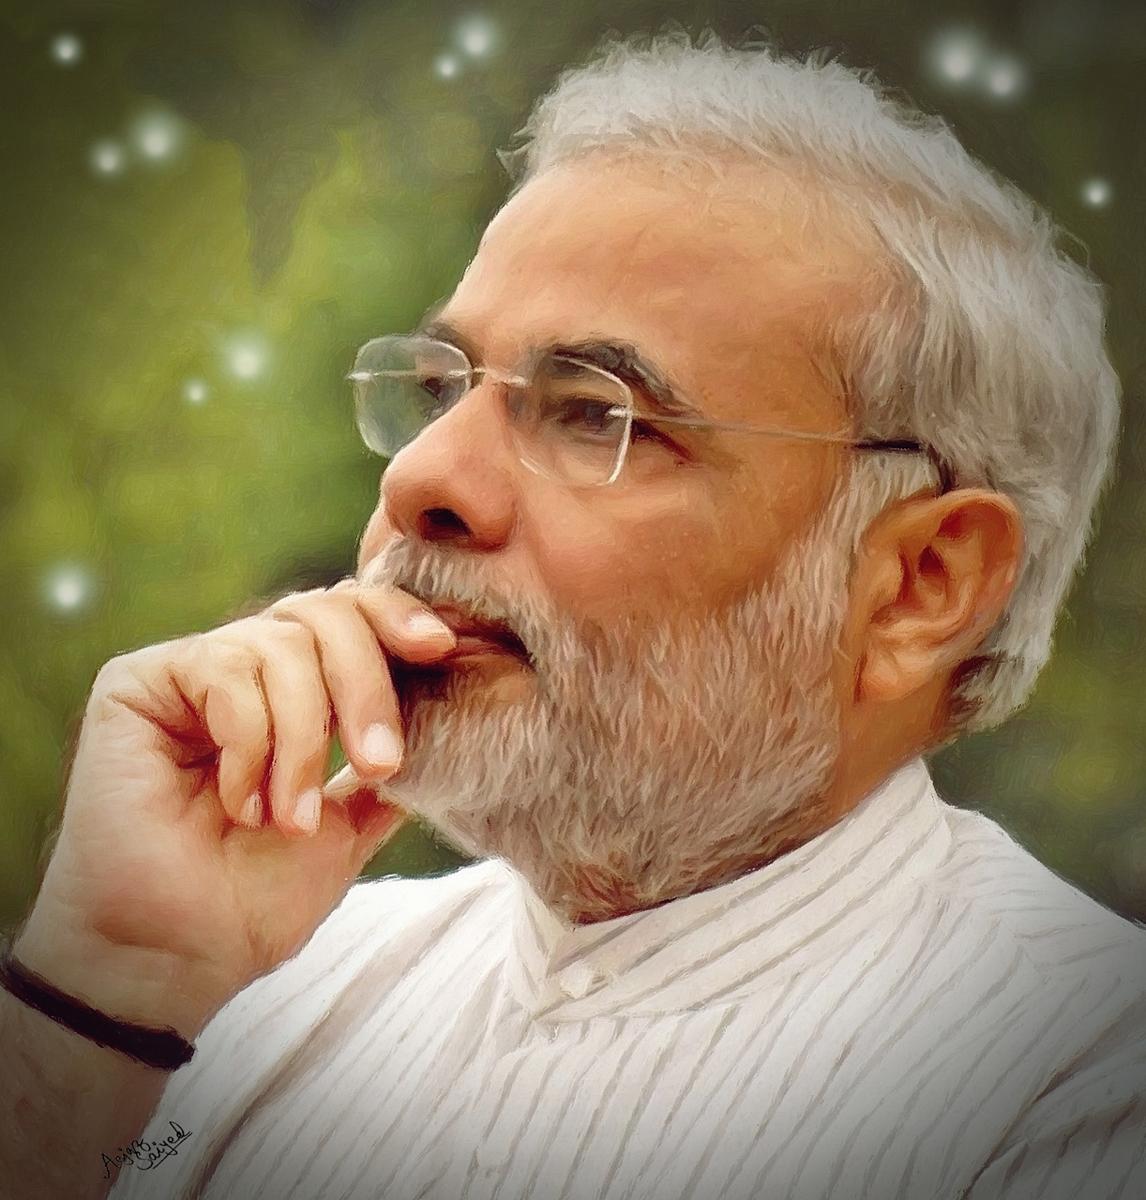 Hd Wallpaper Graphic Narendra Modi Next Pm Of India 2014 Wide